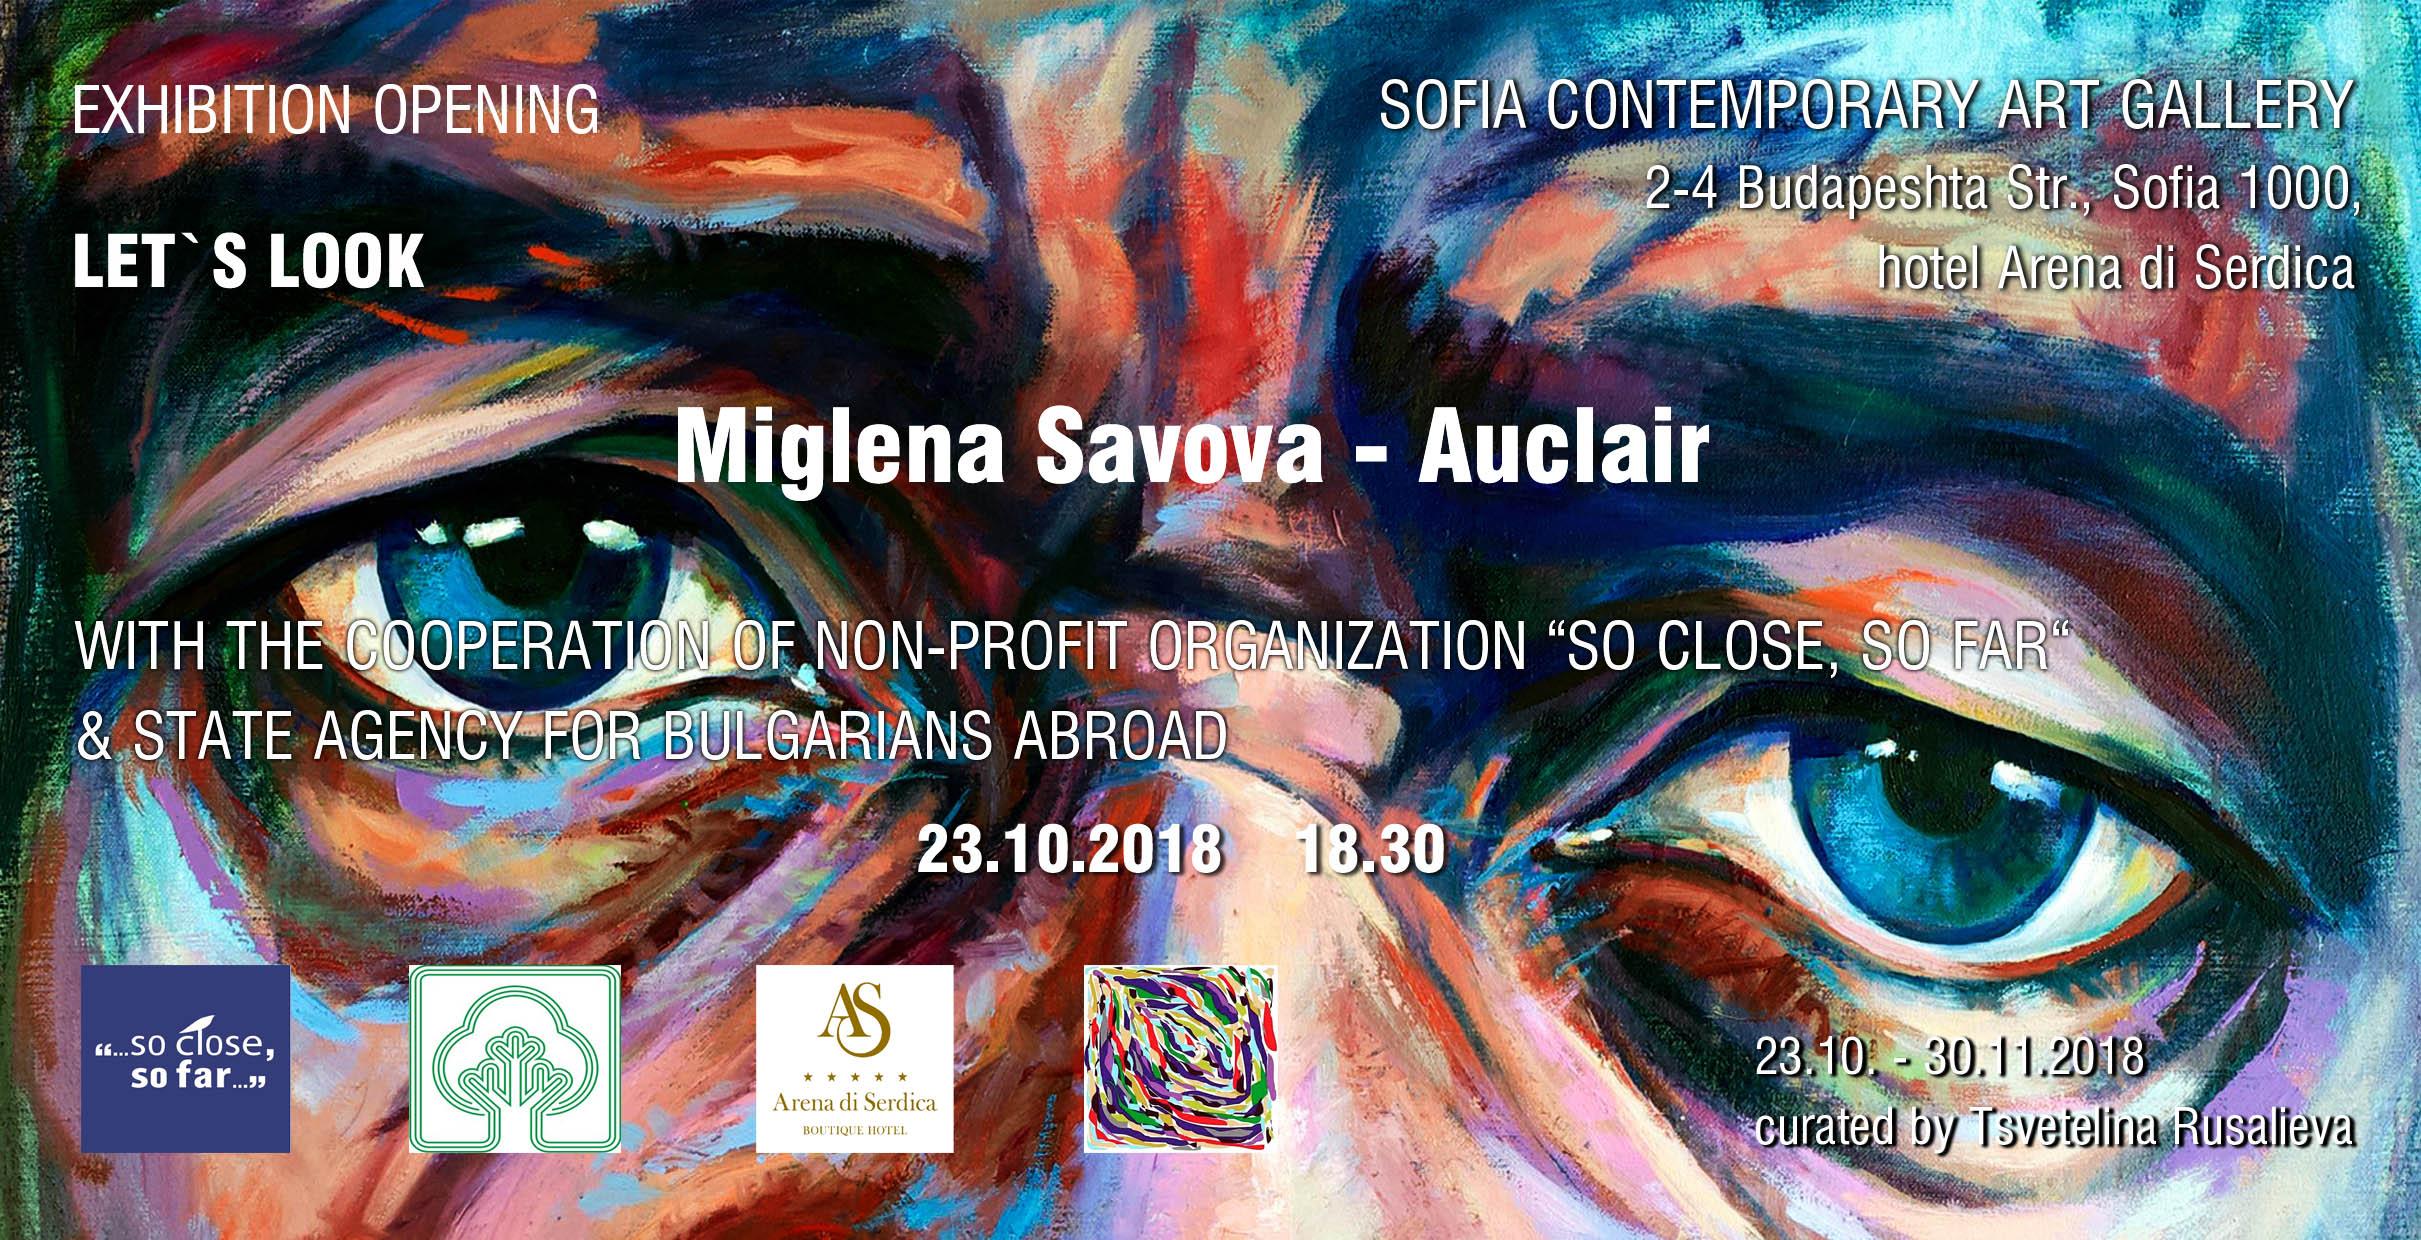 Exposition Let's Look 23.10.2020, Geneva